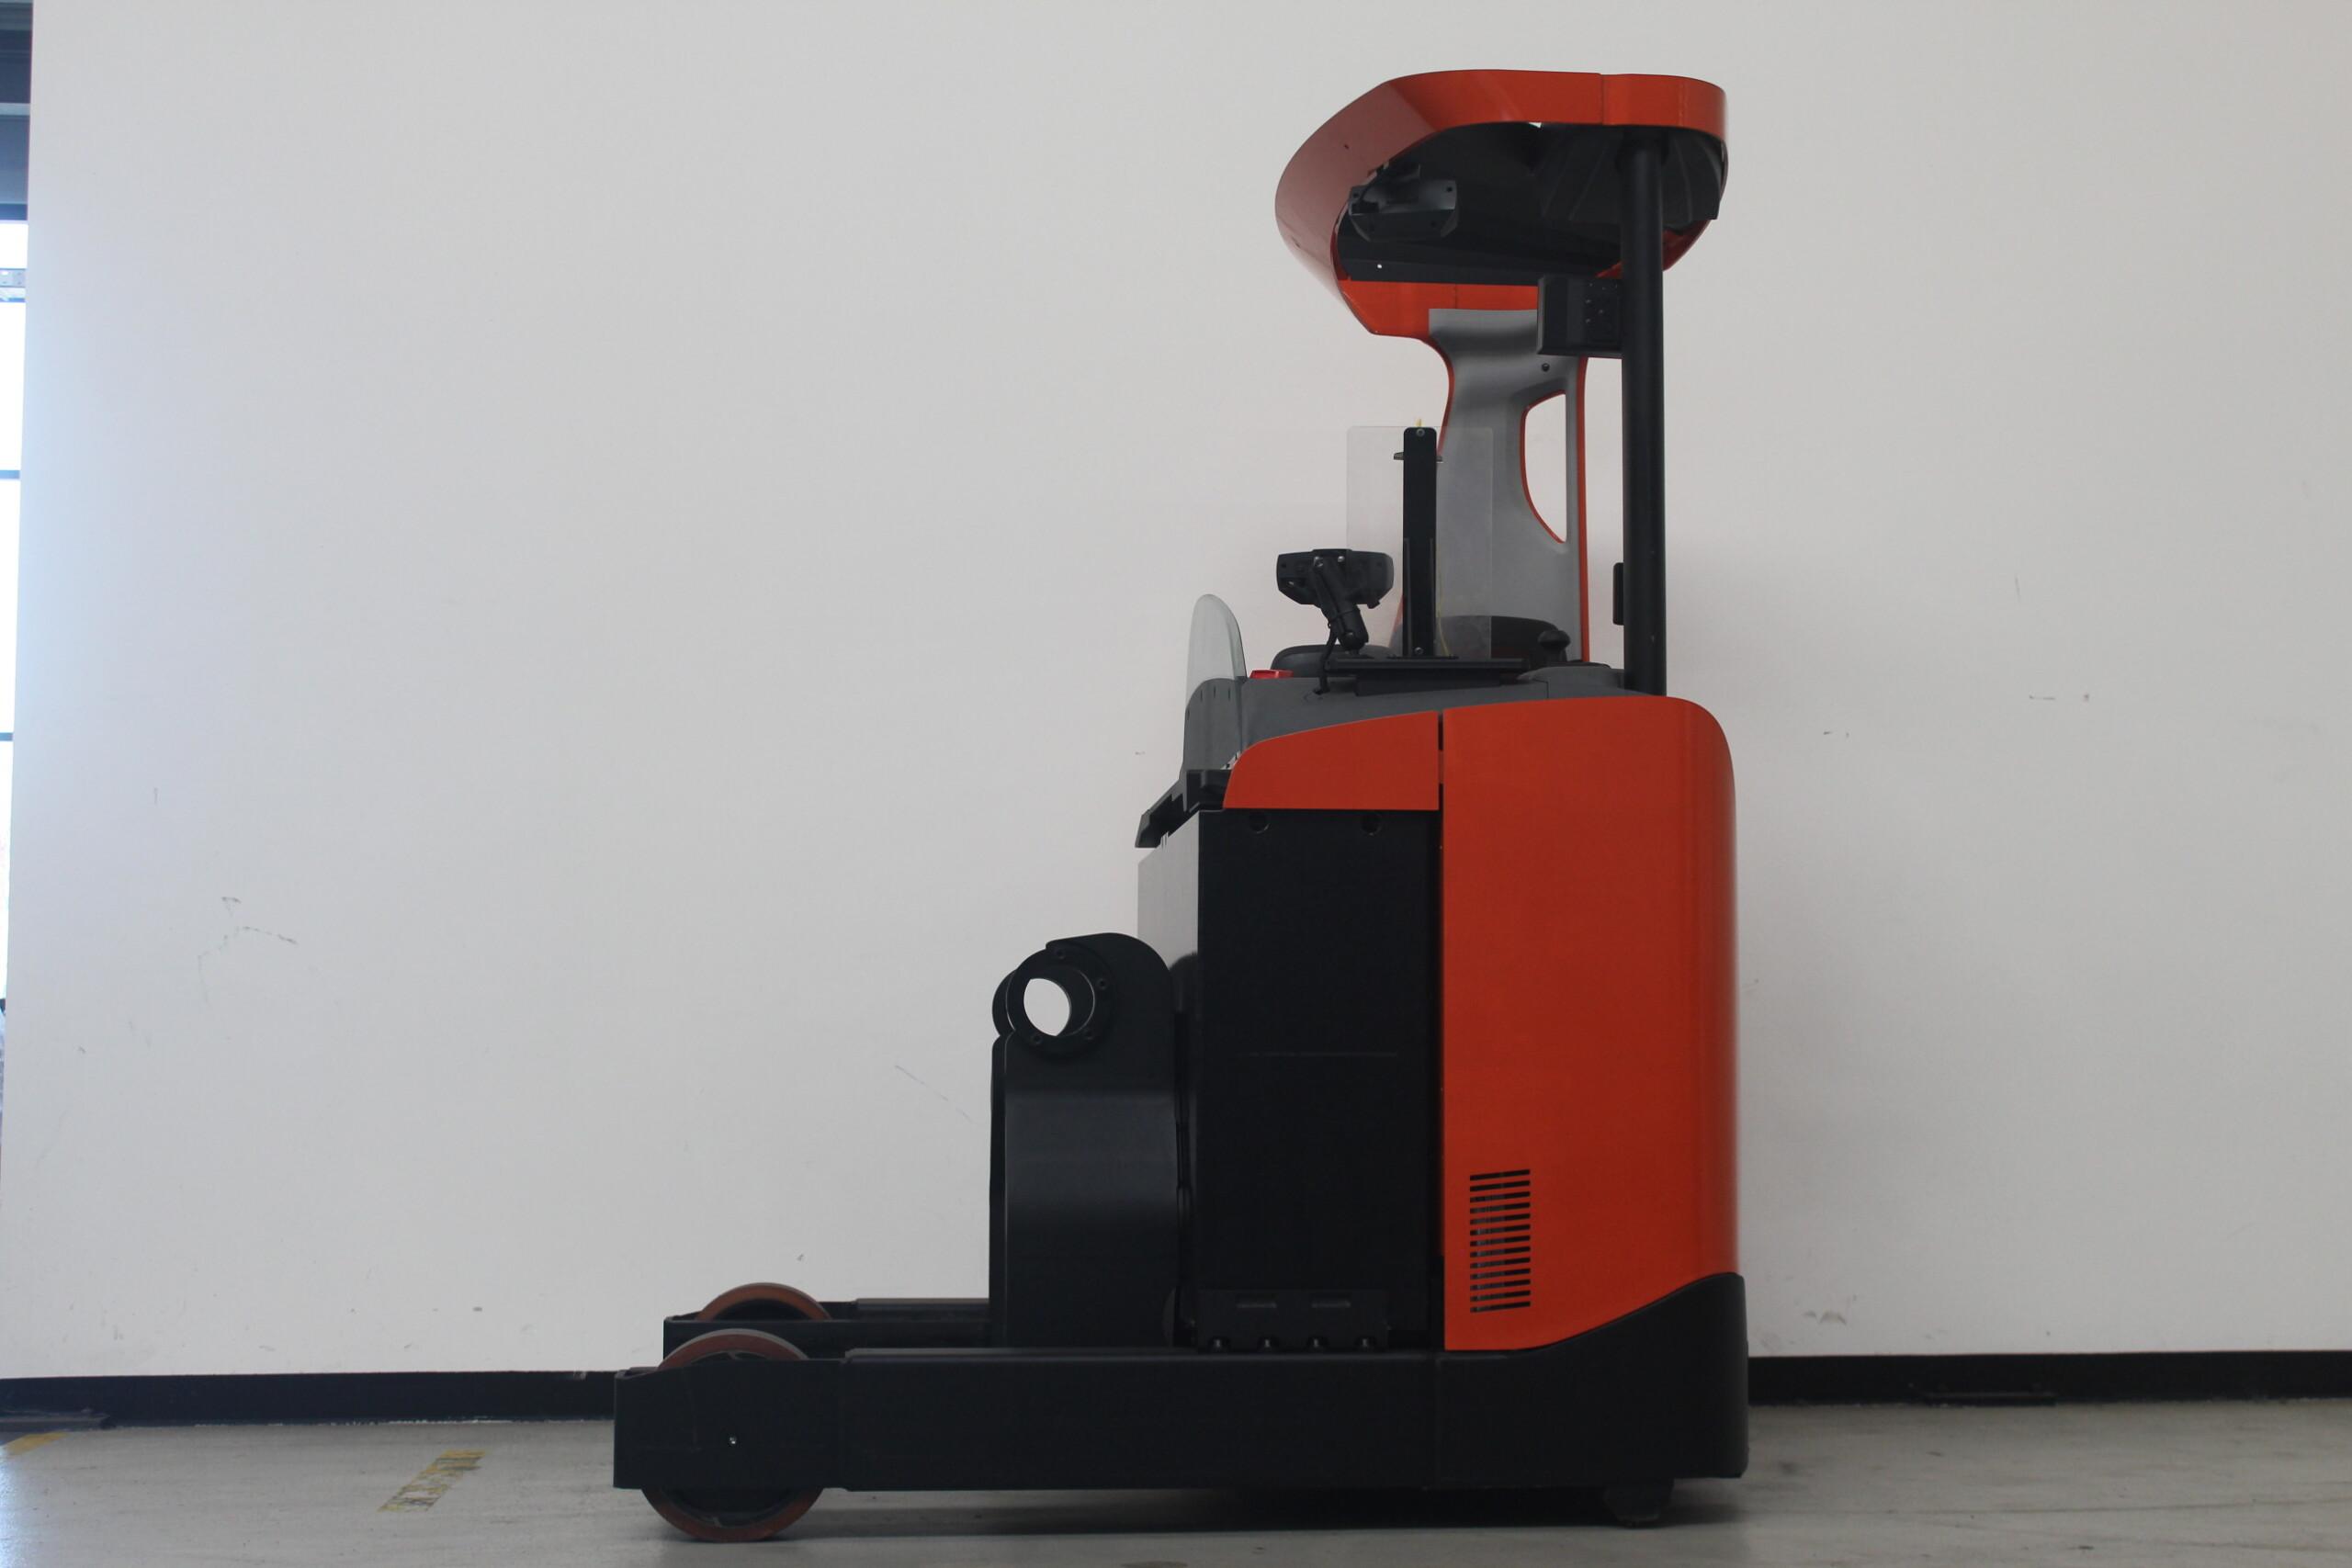 Toyota-Gabelstapler-59840 1611023059 1 5 scaled